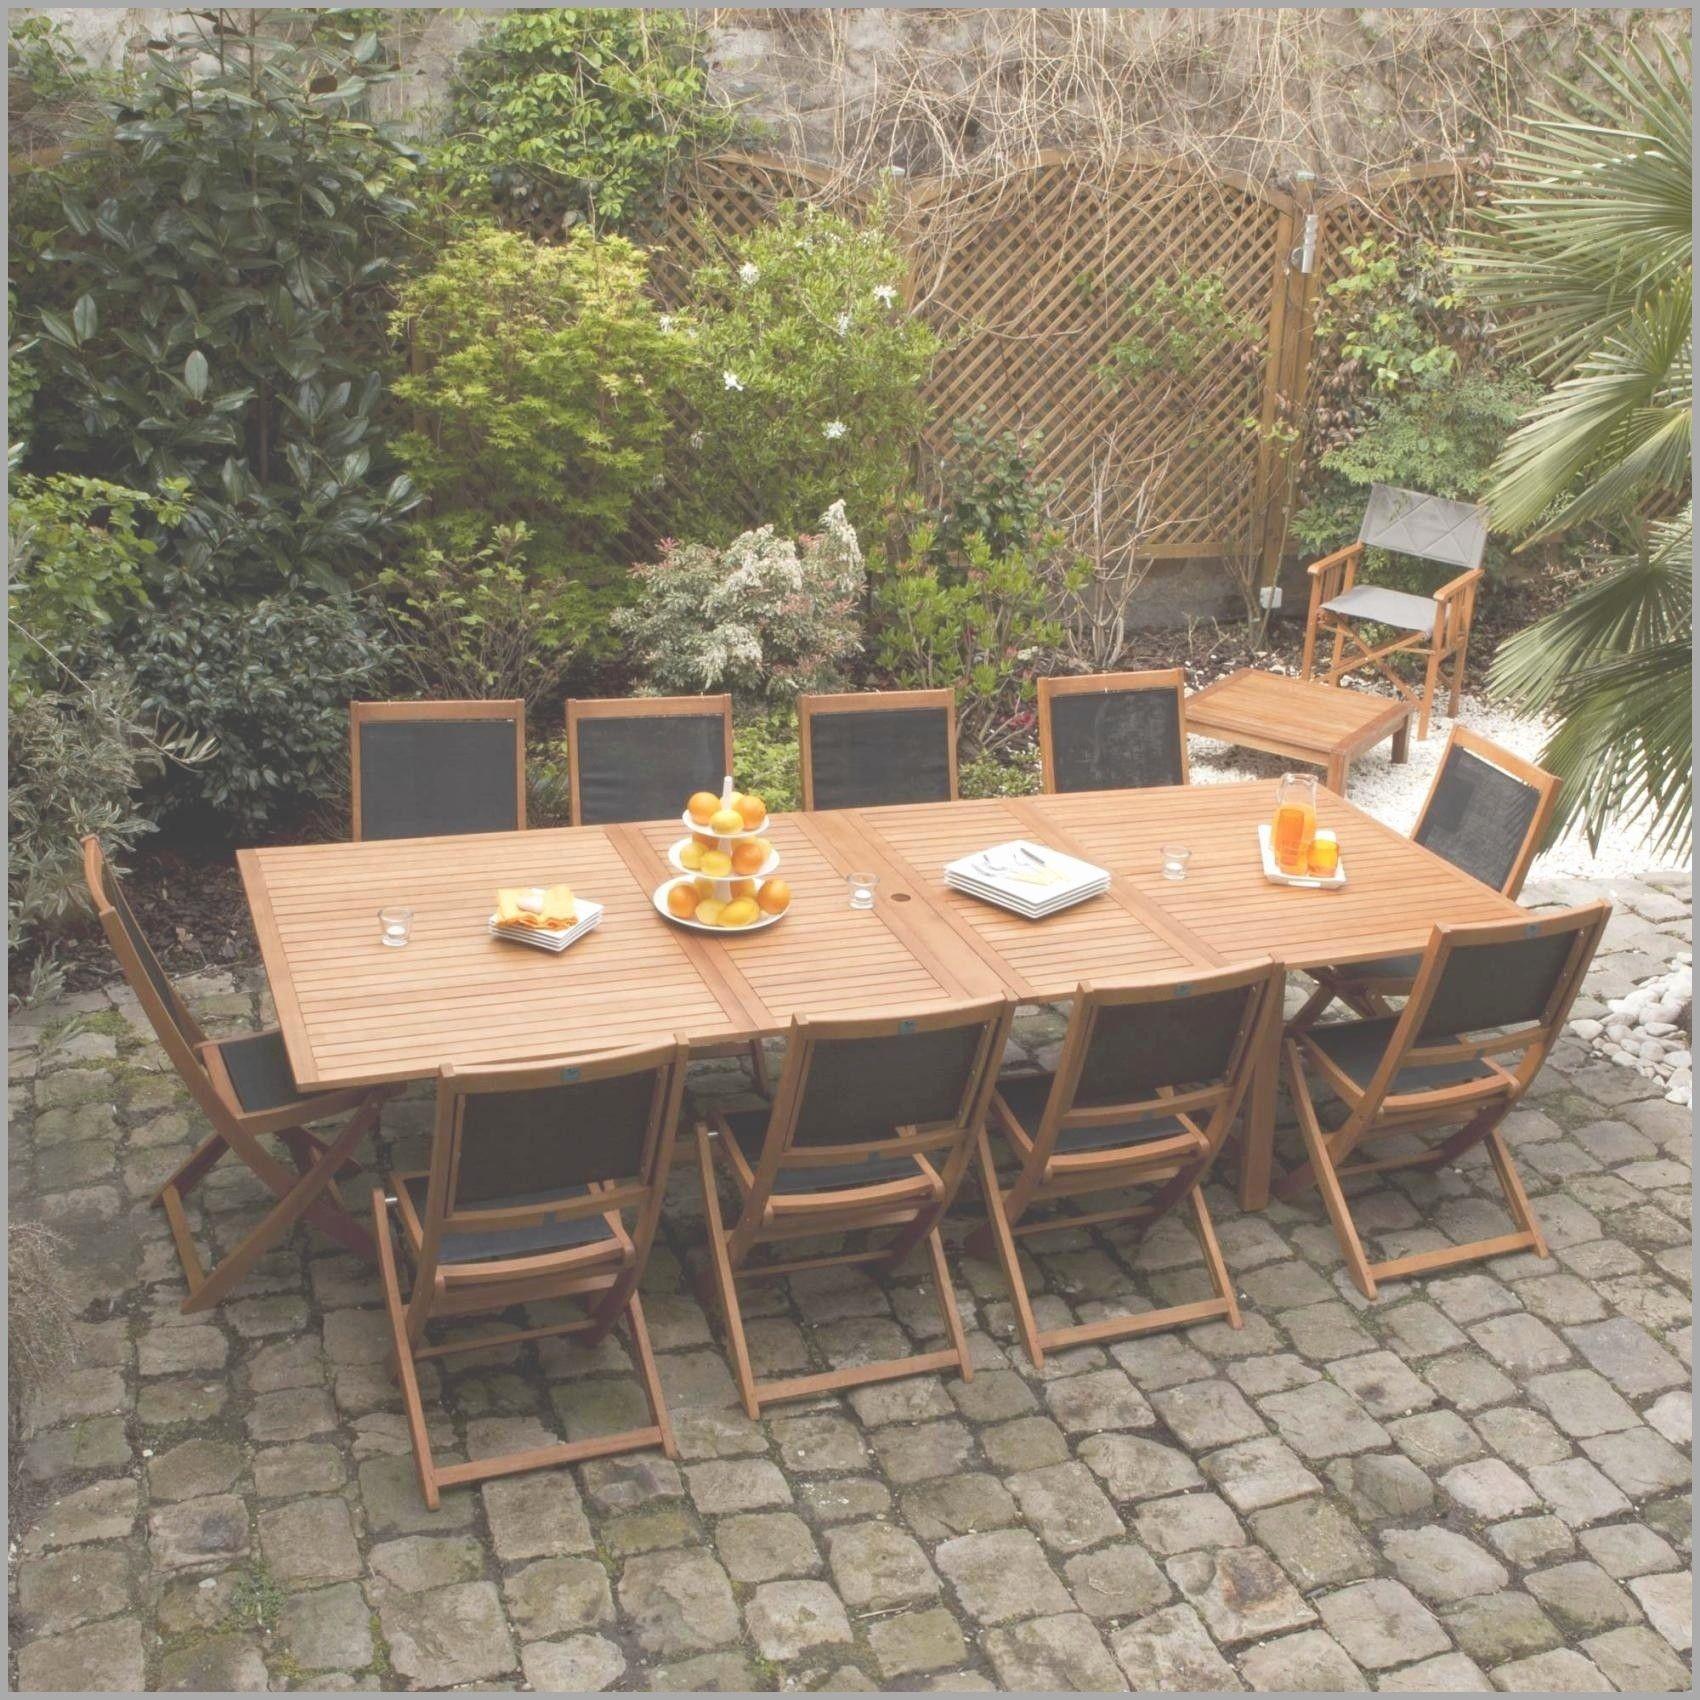 table de jardin bri arche bri arche mobilier de jardin of table de jardin bri arche 1